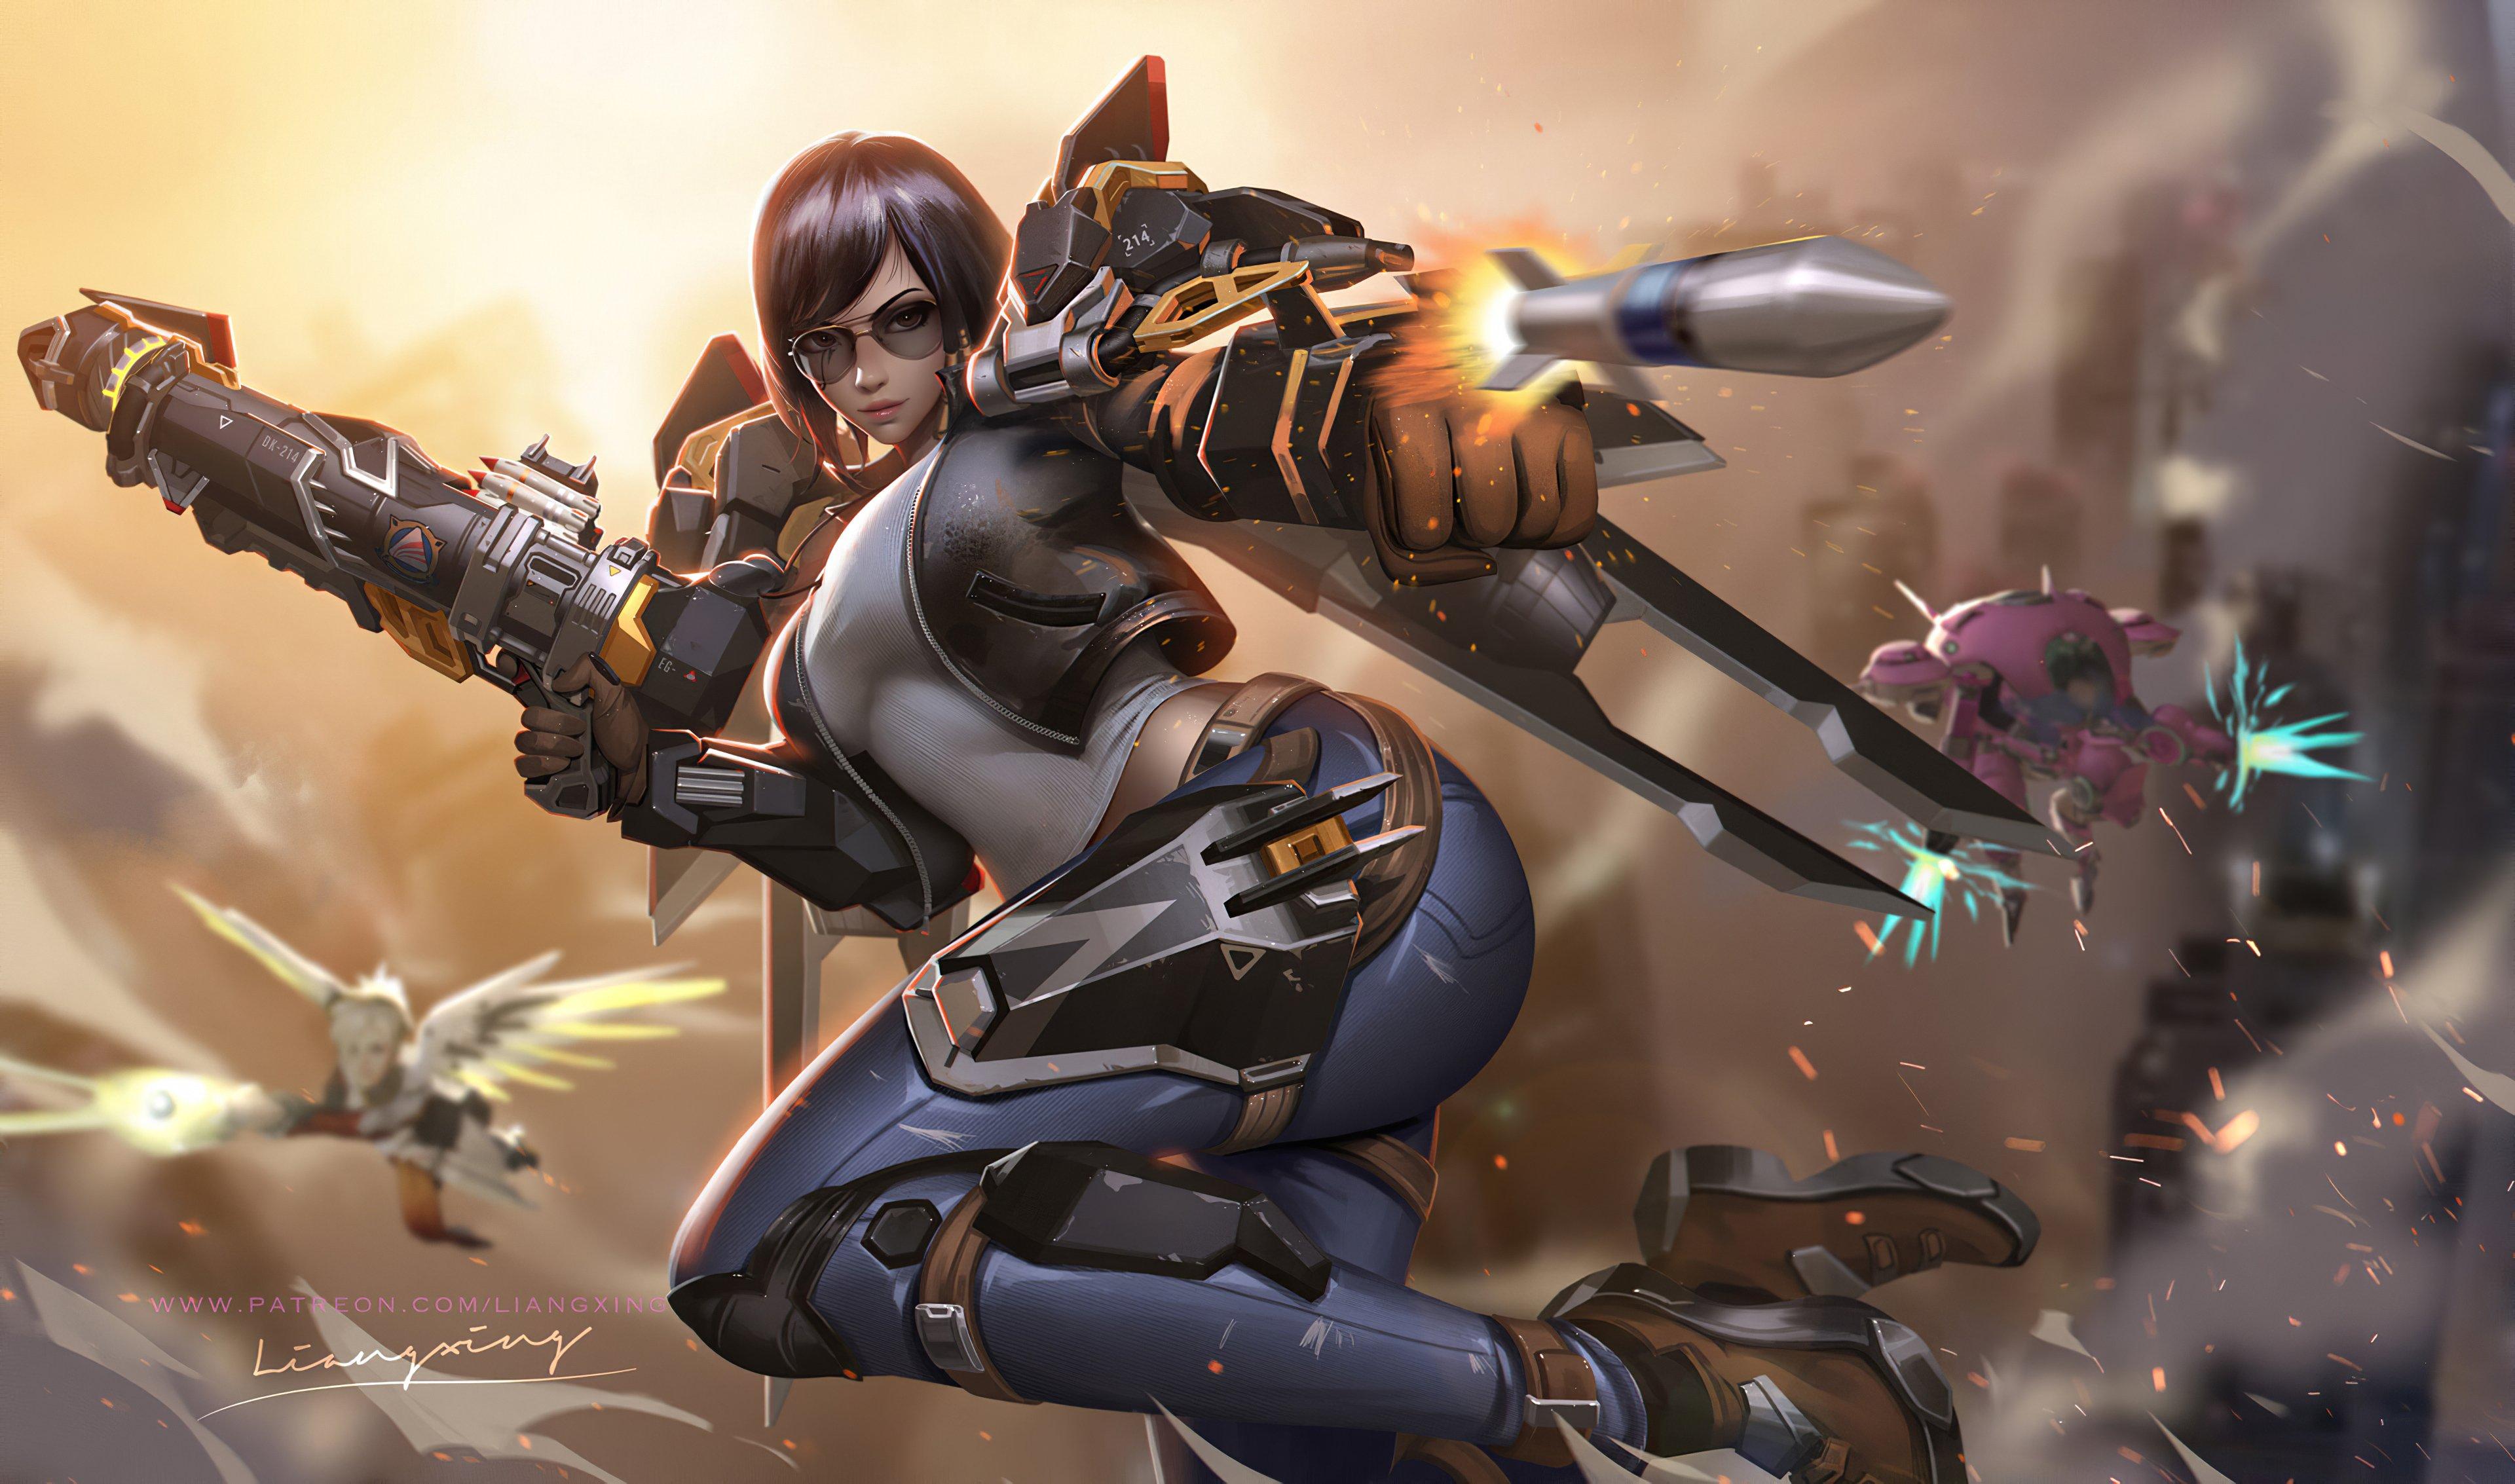 Fondos de pantalla Pharah personaje de Overwatch